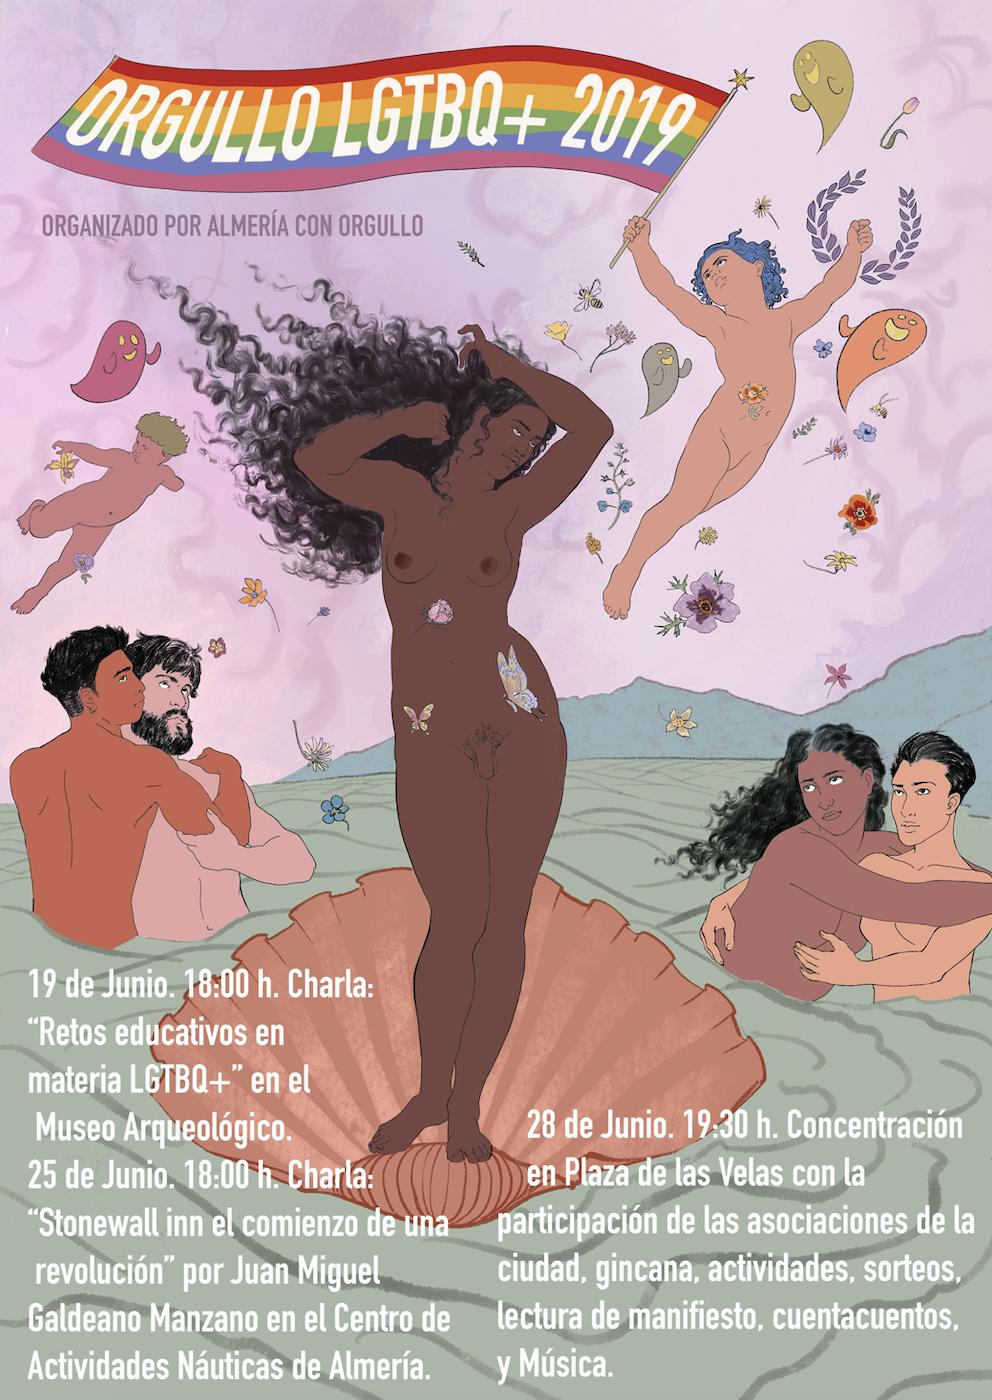 Orgullo LGTB+ Almeria 2019